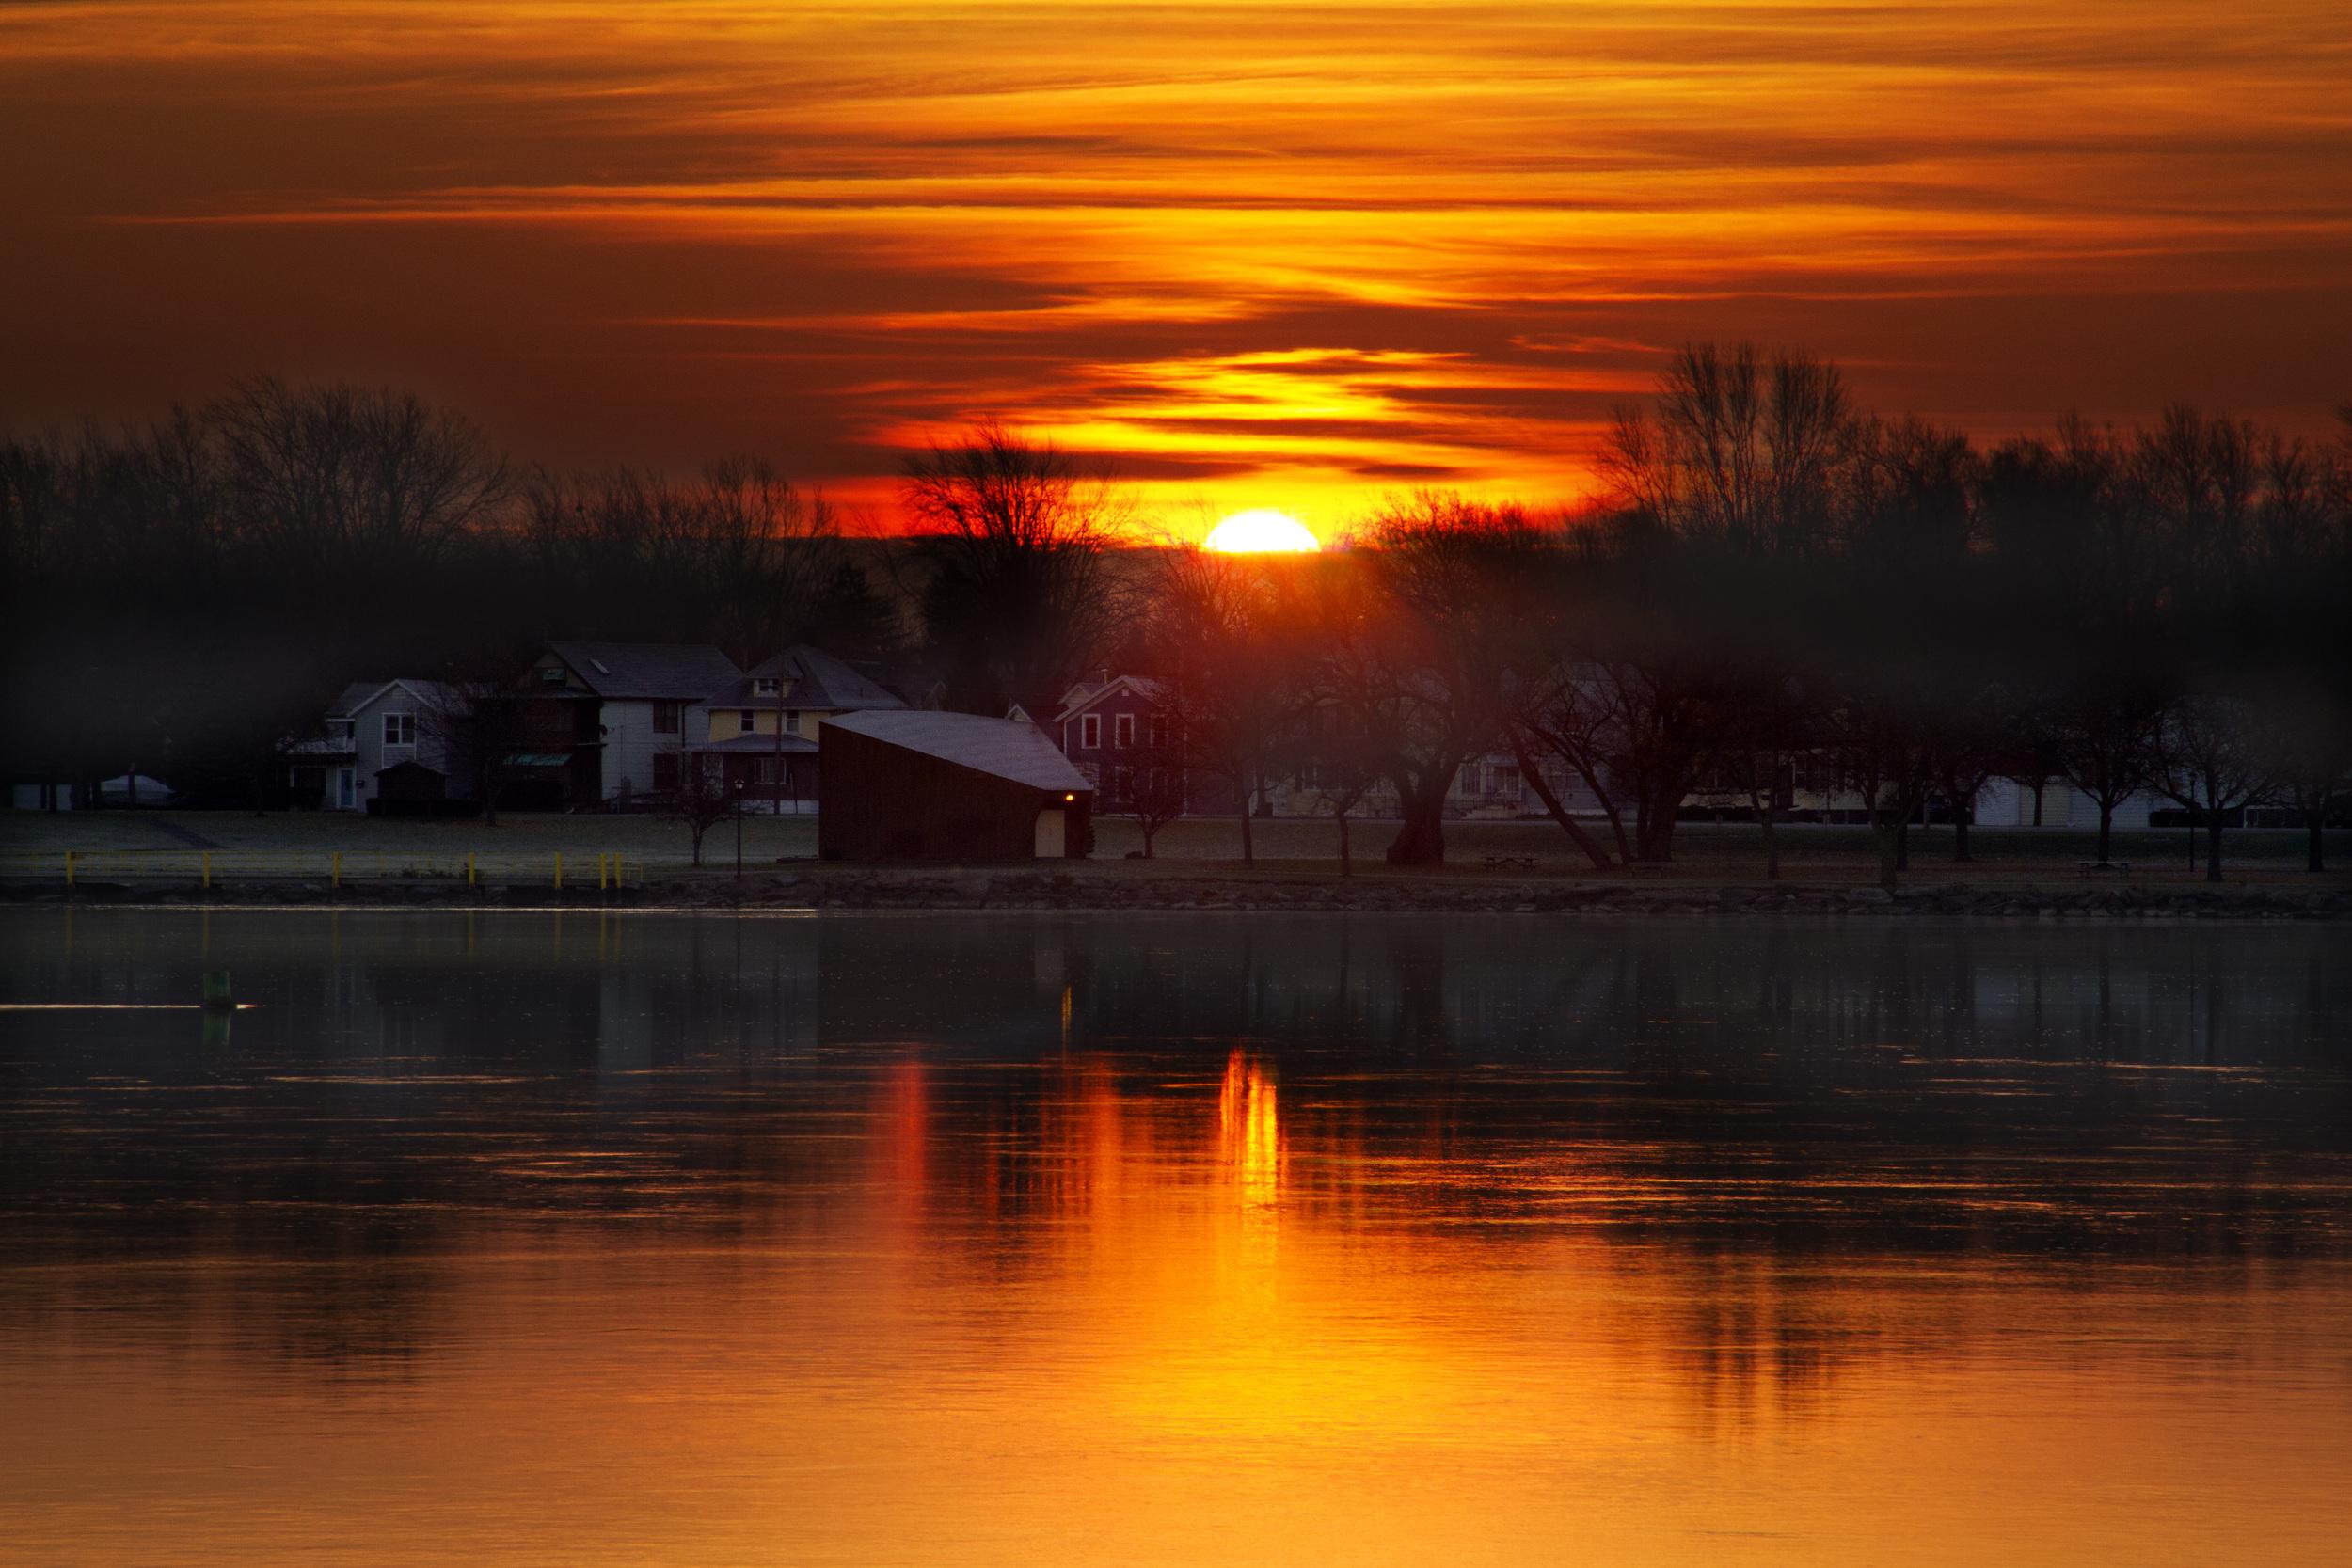 SunriseV2.jpg